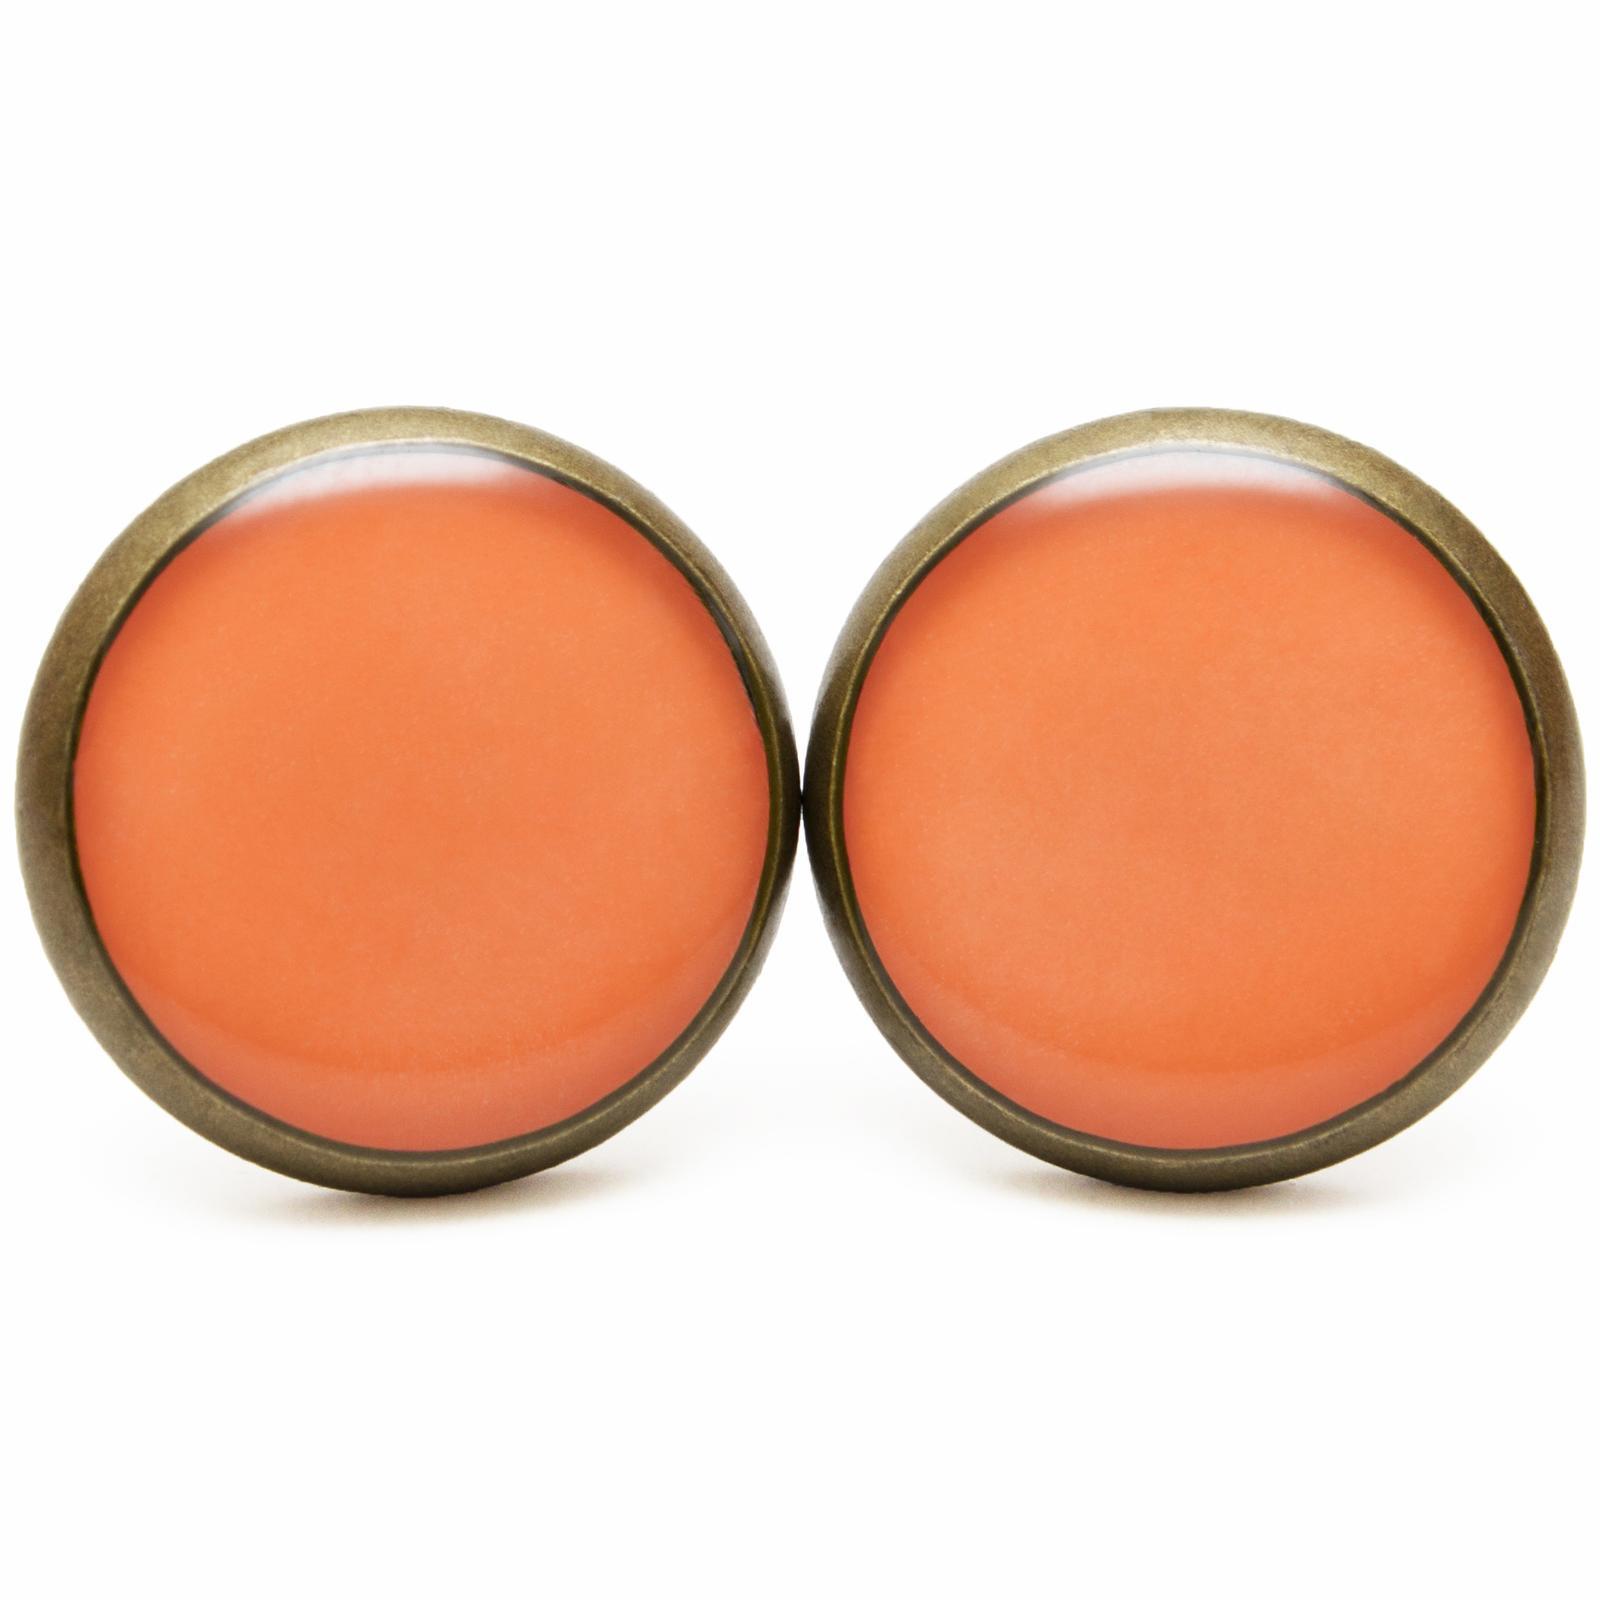 ♪♫♪ Farbičky čarbičky alebo aby družičky spolu ladili  ♪♫♪ - Farby - Celosia Orange